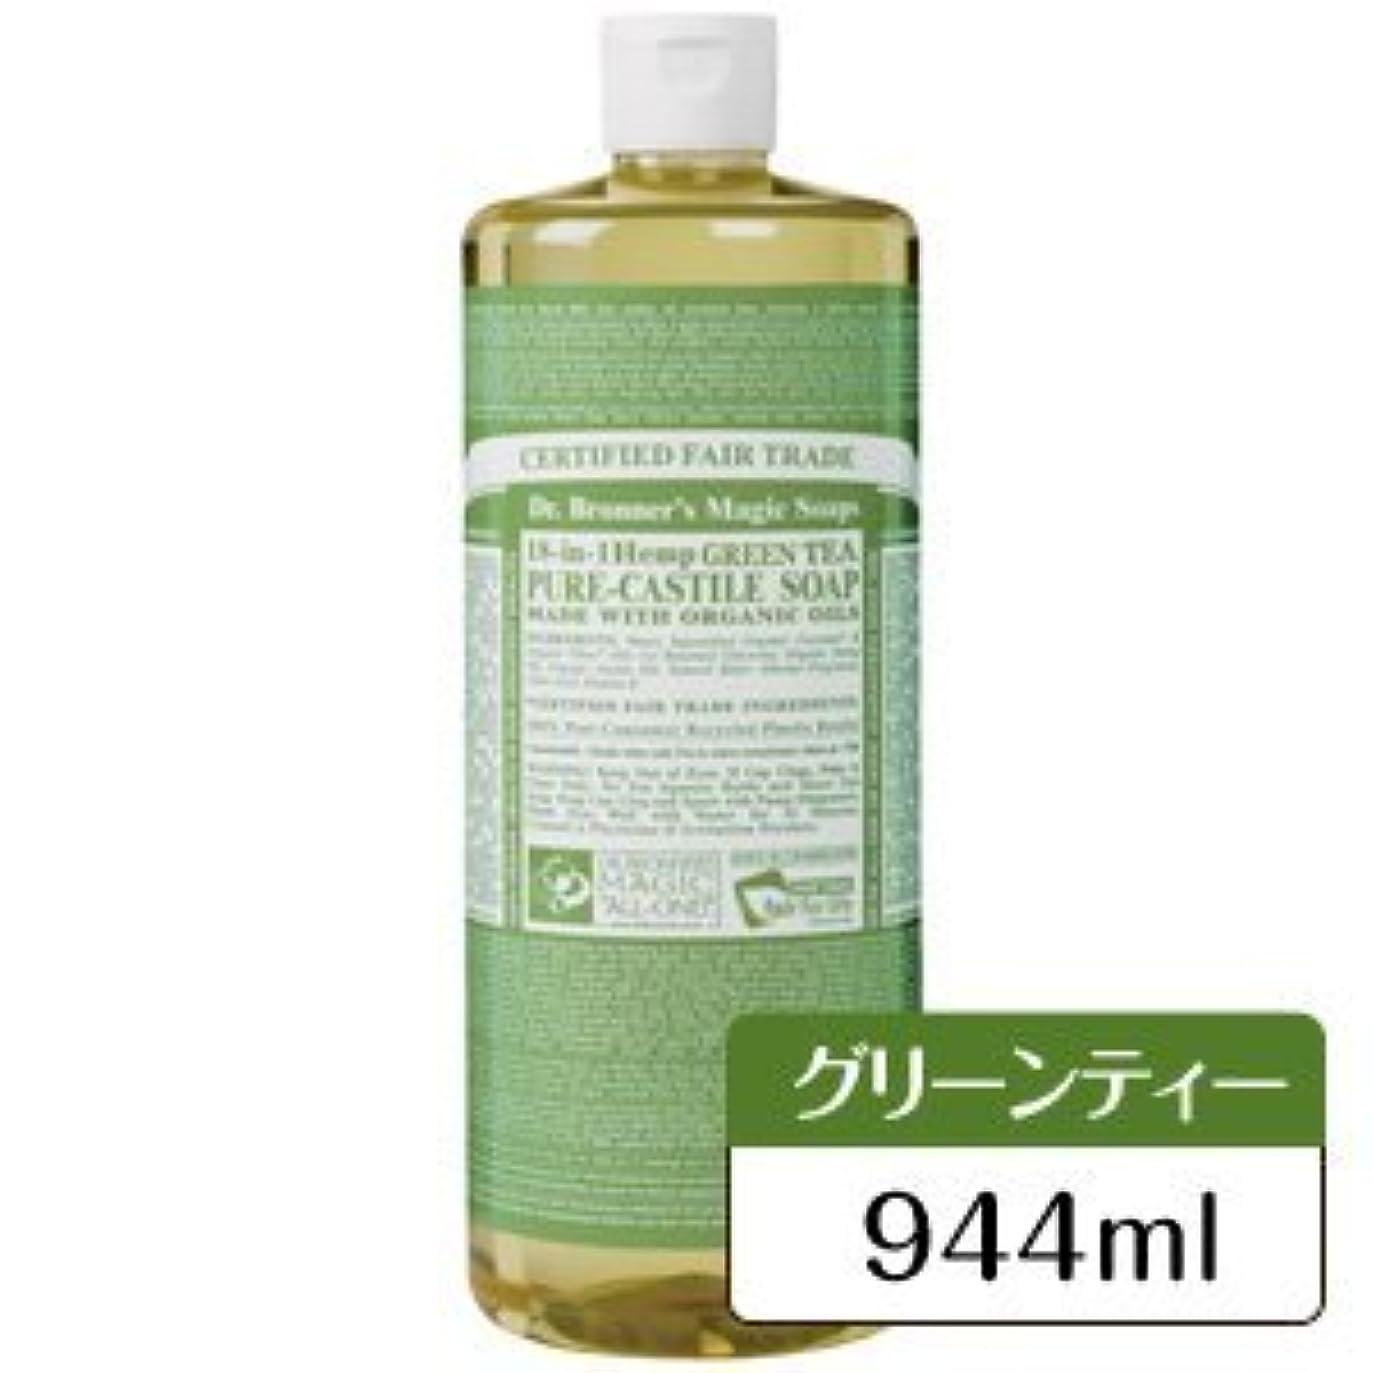 アリスペナルティる【正規輸入品】 マジックソープ 944ml (グリーンティ)